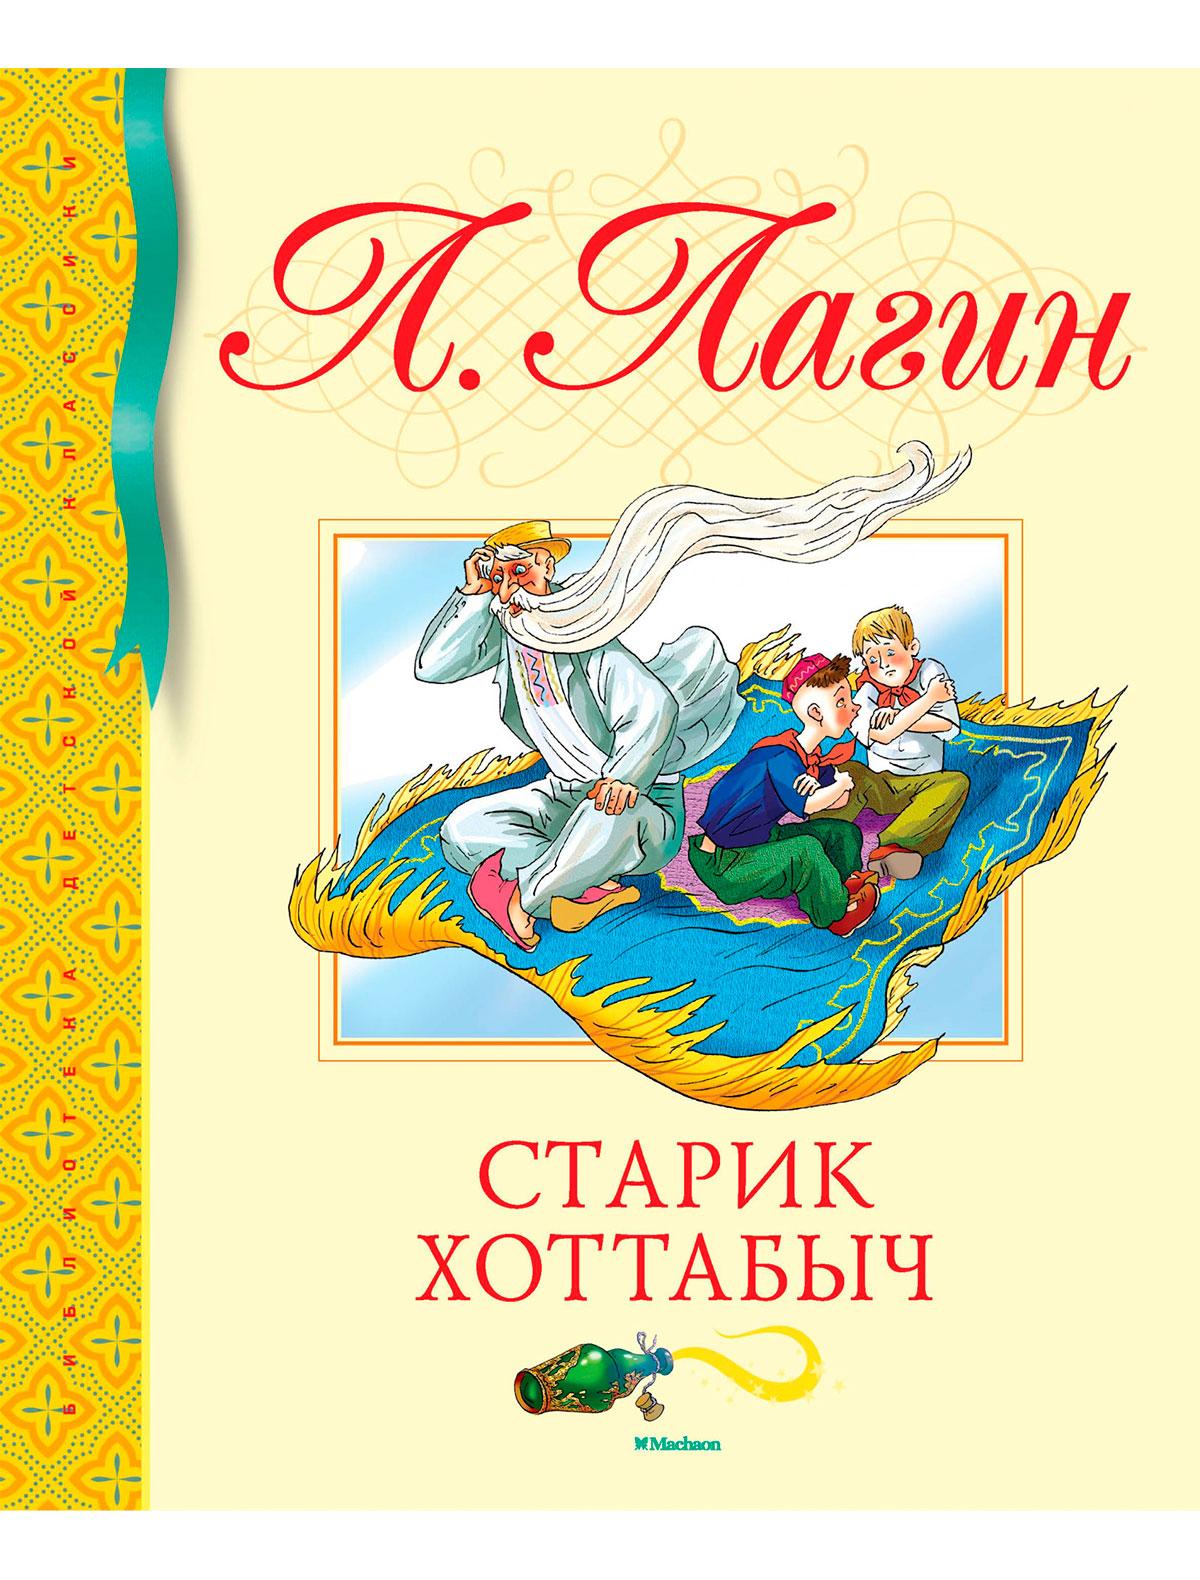 Купить 2239446, Книга ИГ Азбука-Аттикус, 9004529081527